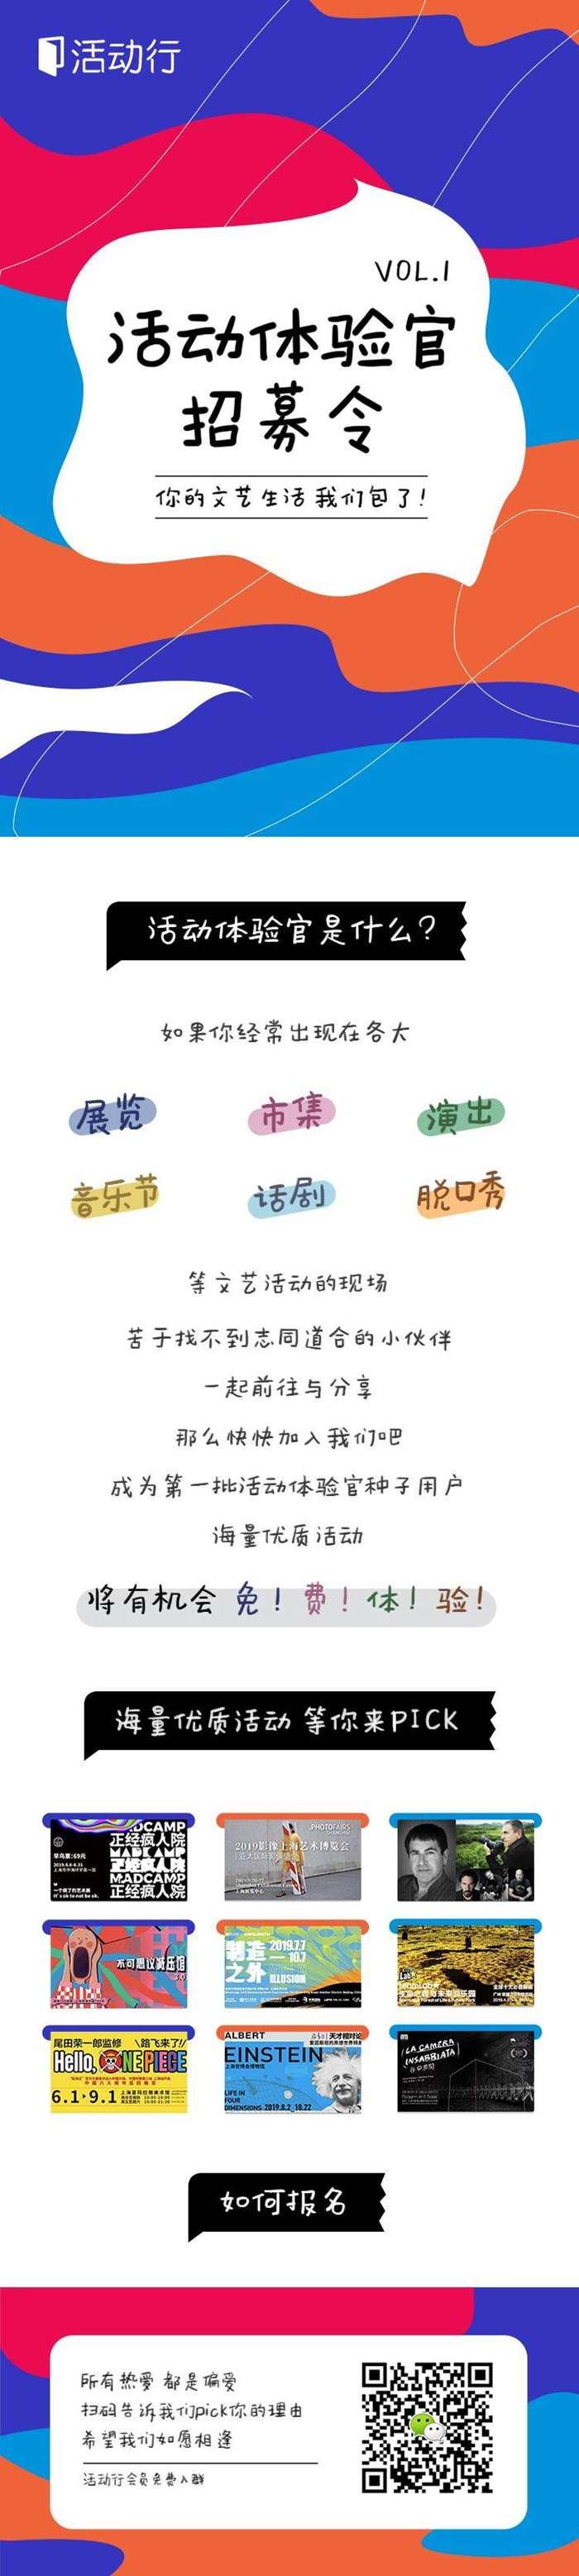 活动体验官招募令页面.jpg